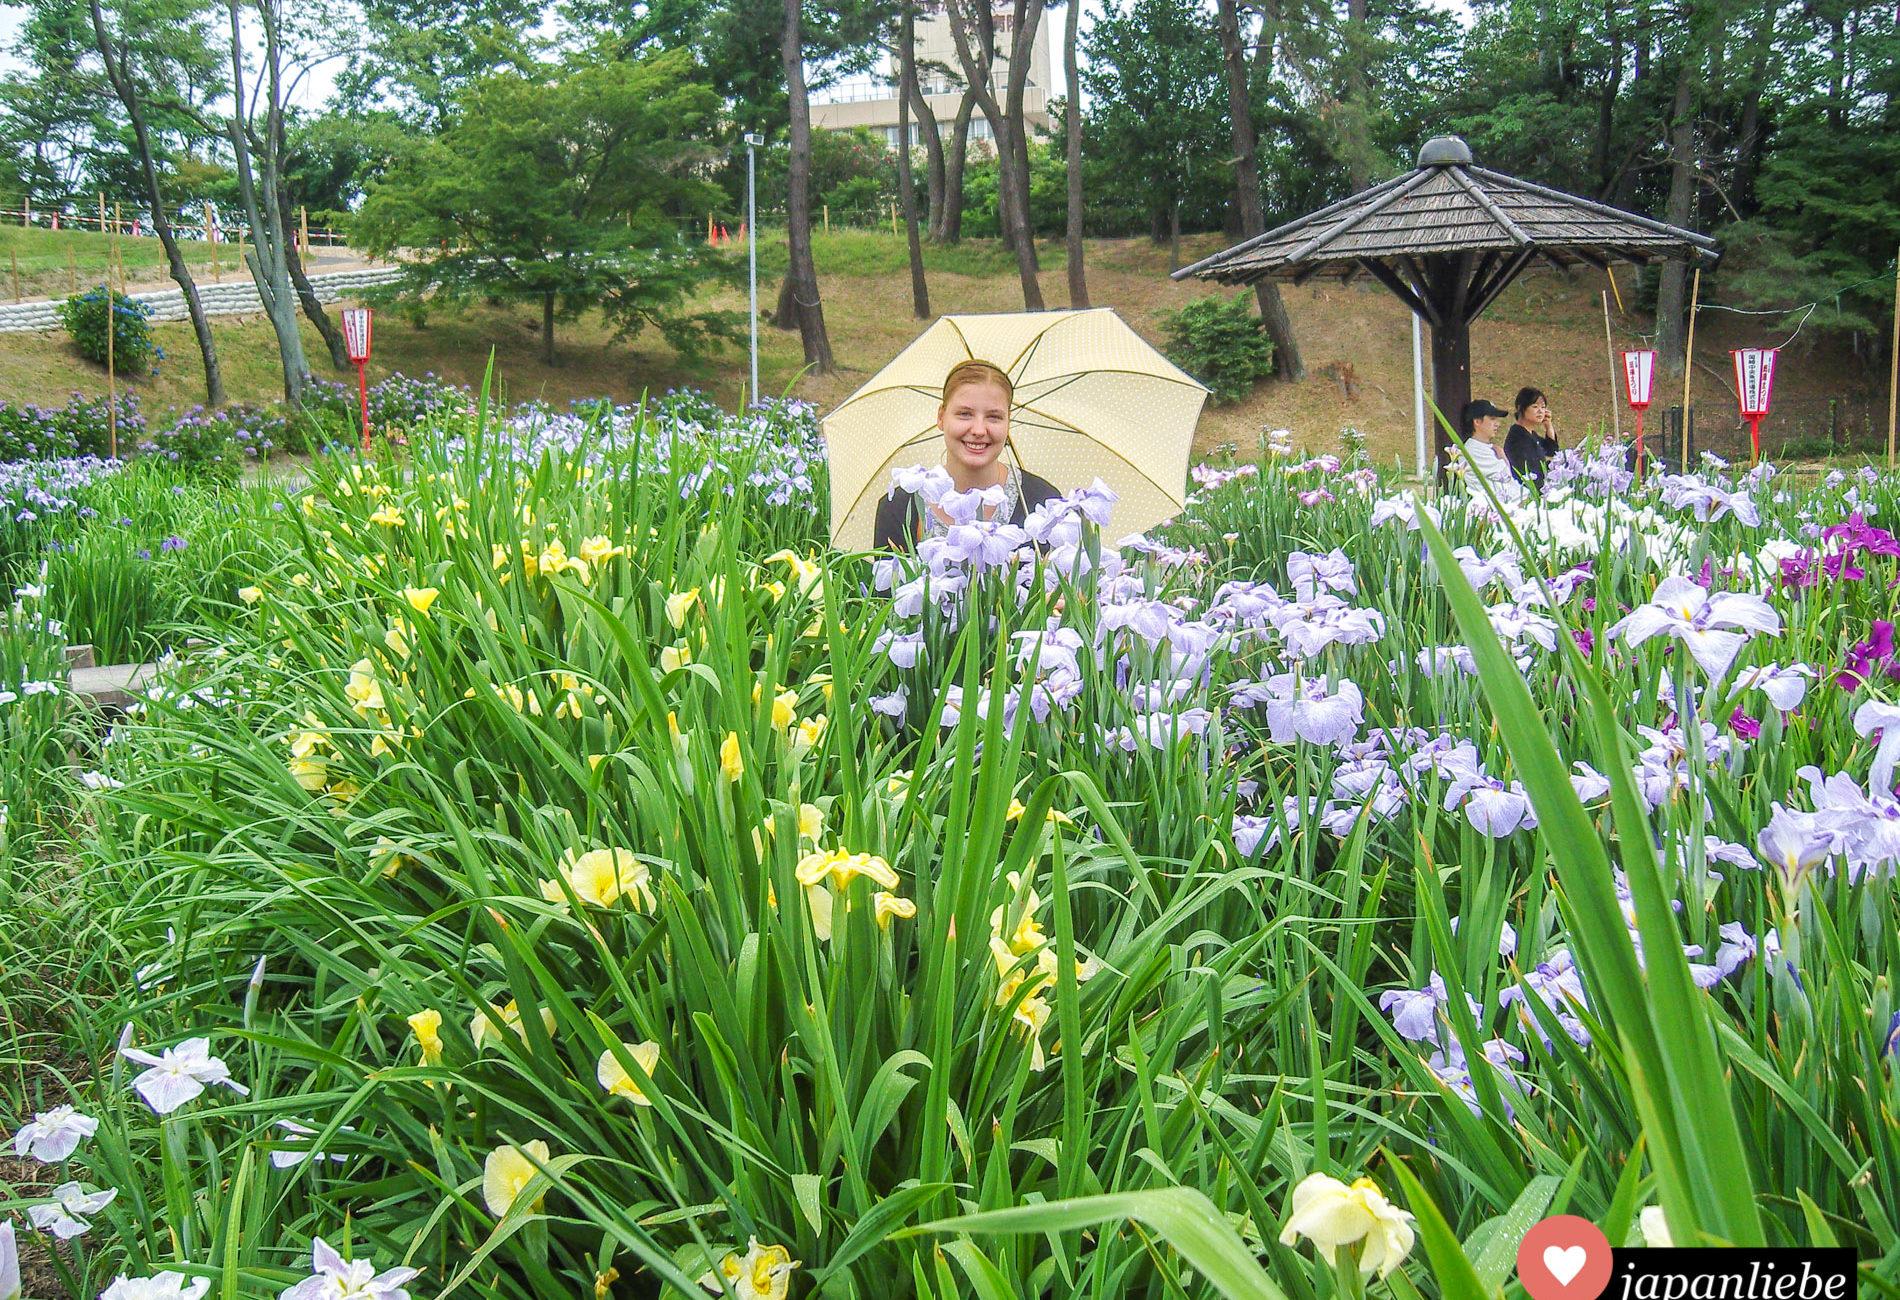 Auch in der Regenzeit kann man in Japan tolle Tage verbringen. Vor allem, wenn der Iris so schön blüht wie hier in Okazaki.